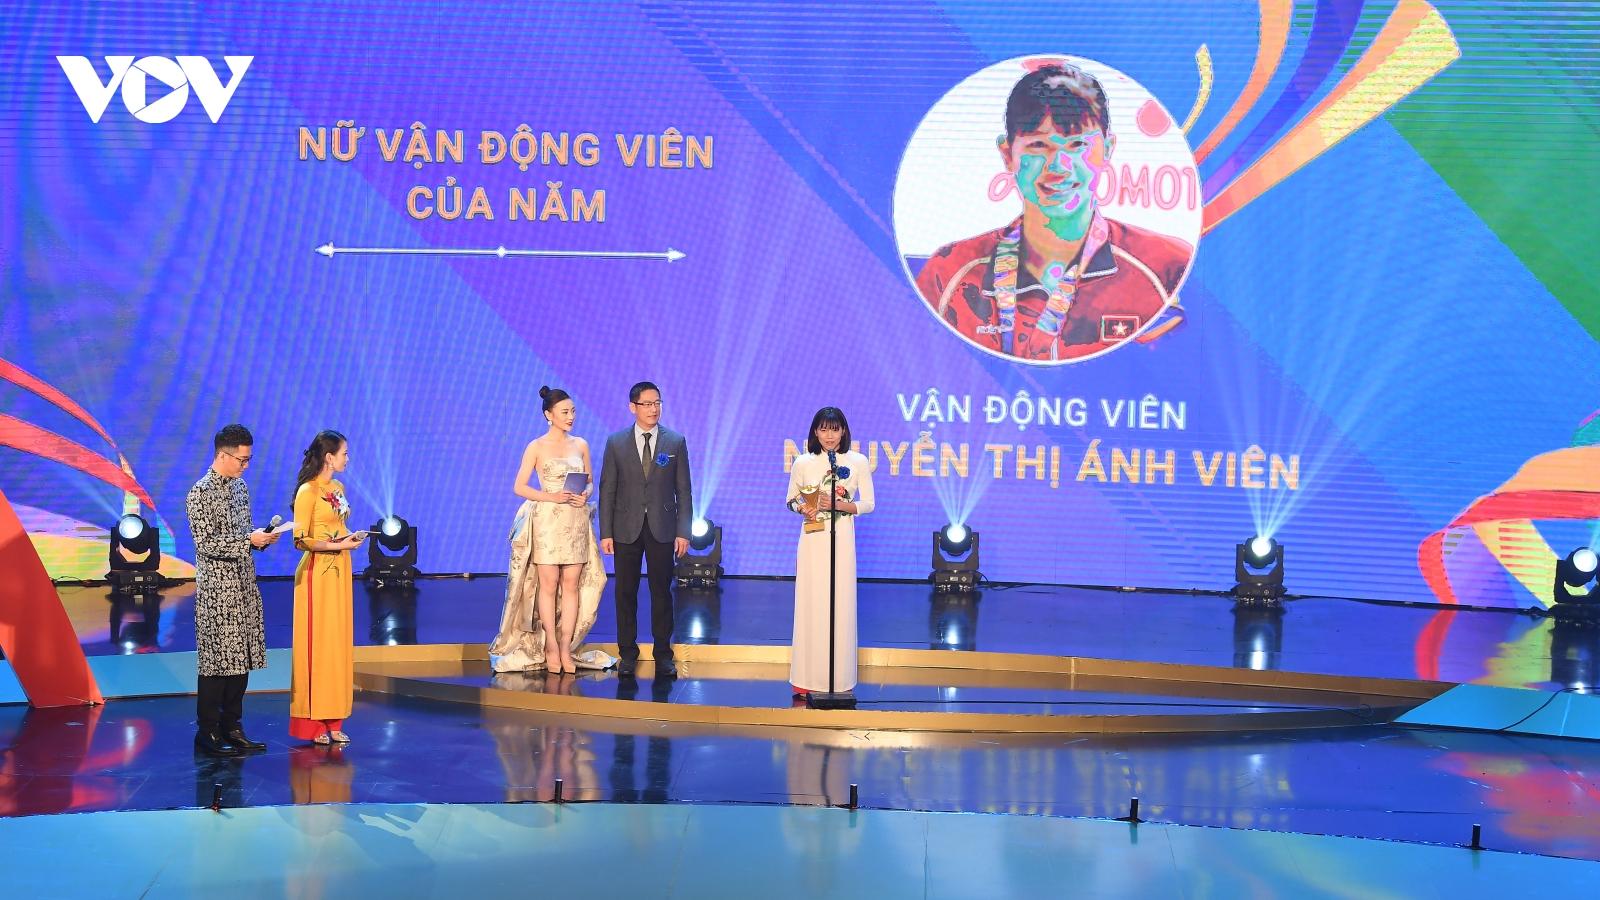 CHÍNH THỨC: Dời thời điểm tổ chức giải thưởng Cúp Chiến thắng lần 6 sang năm 2021